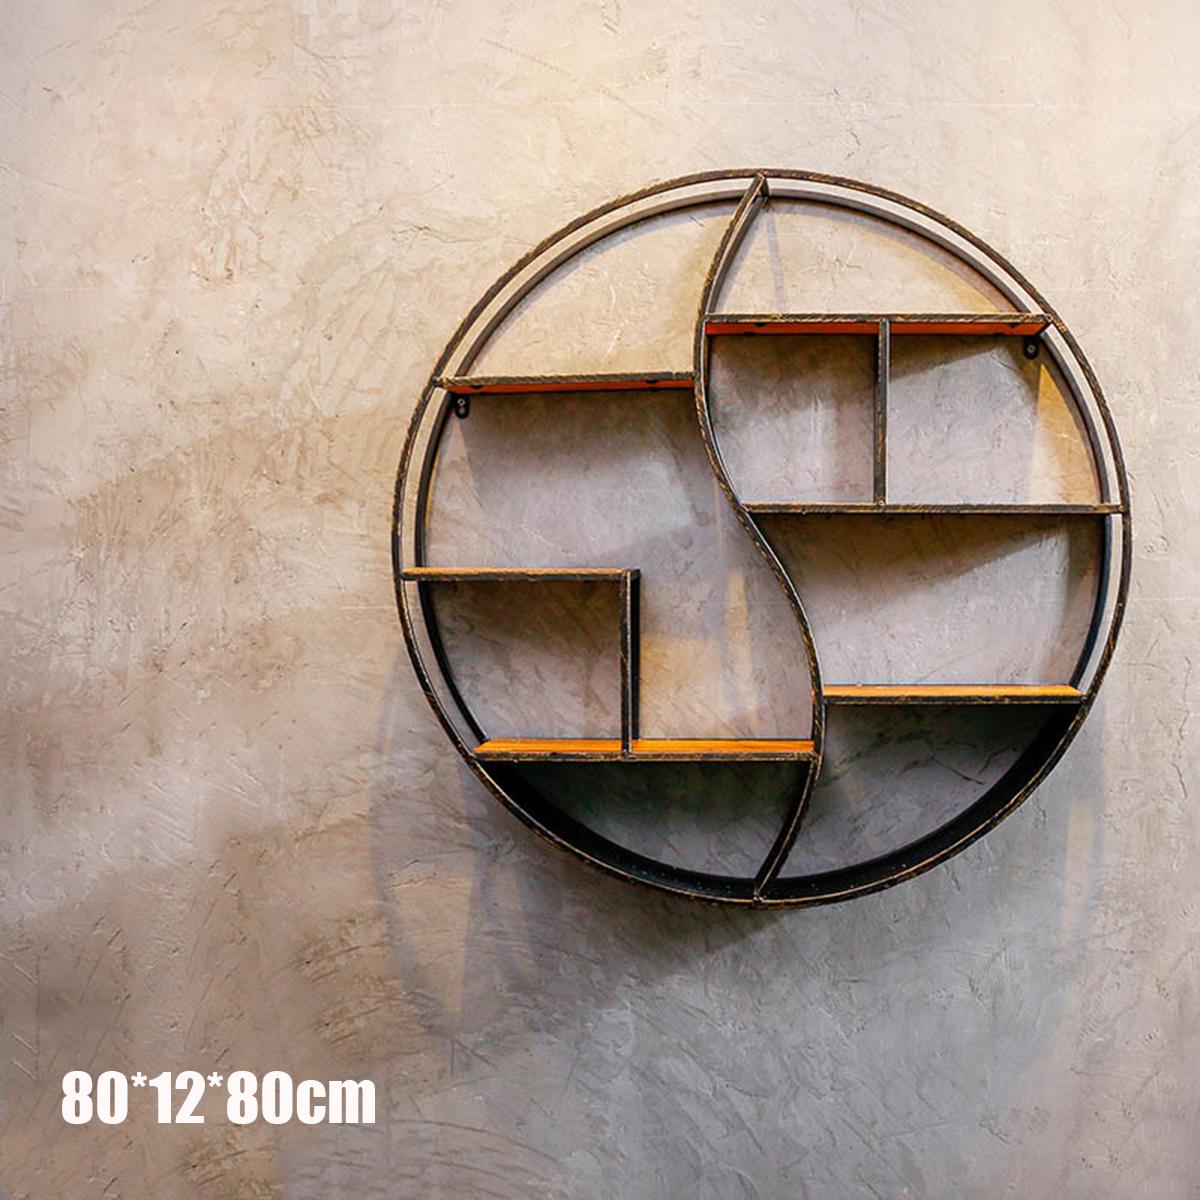 59 80cm Okrągła Półka Metalowa Regał Na Drewno Regał Na ścianie Wspornik Wystrój Pokoju